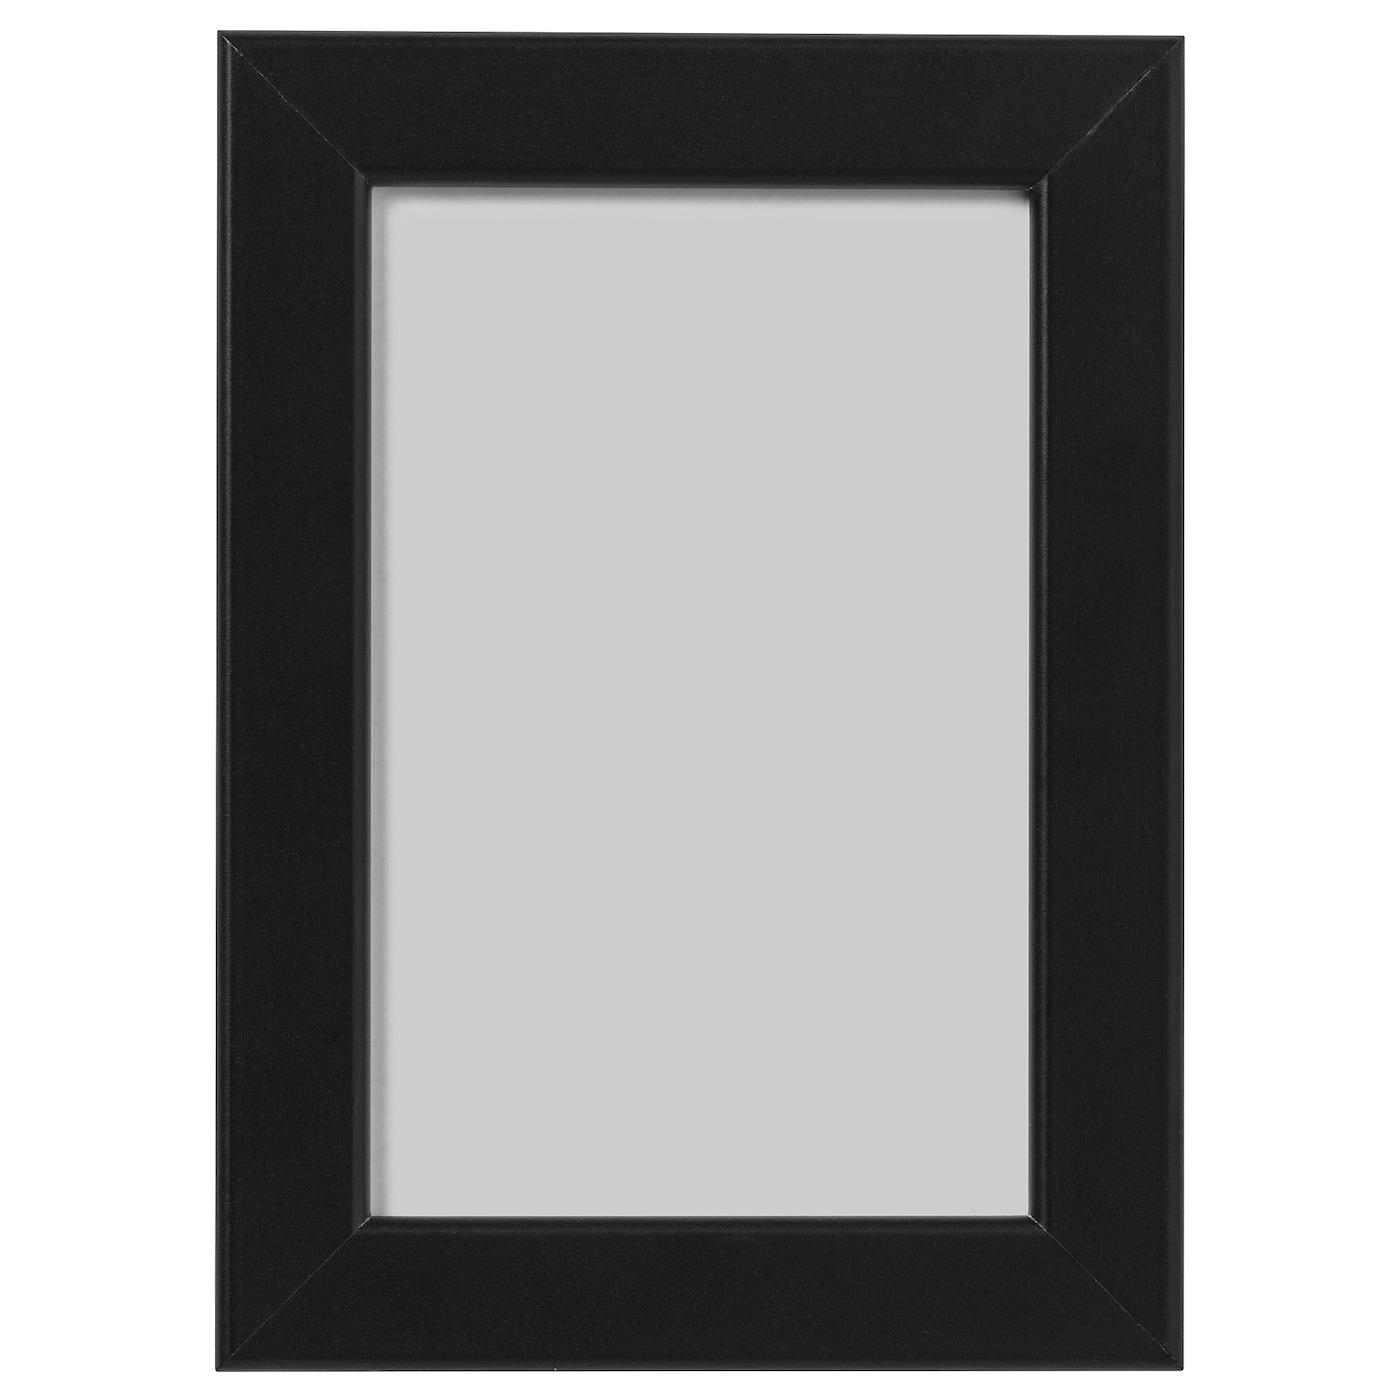 marcos marco de foto 50x70cm Ikea fiskbo marco en negro;